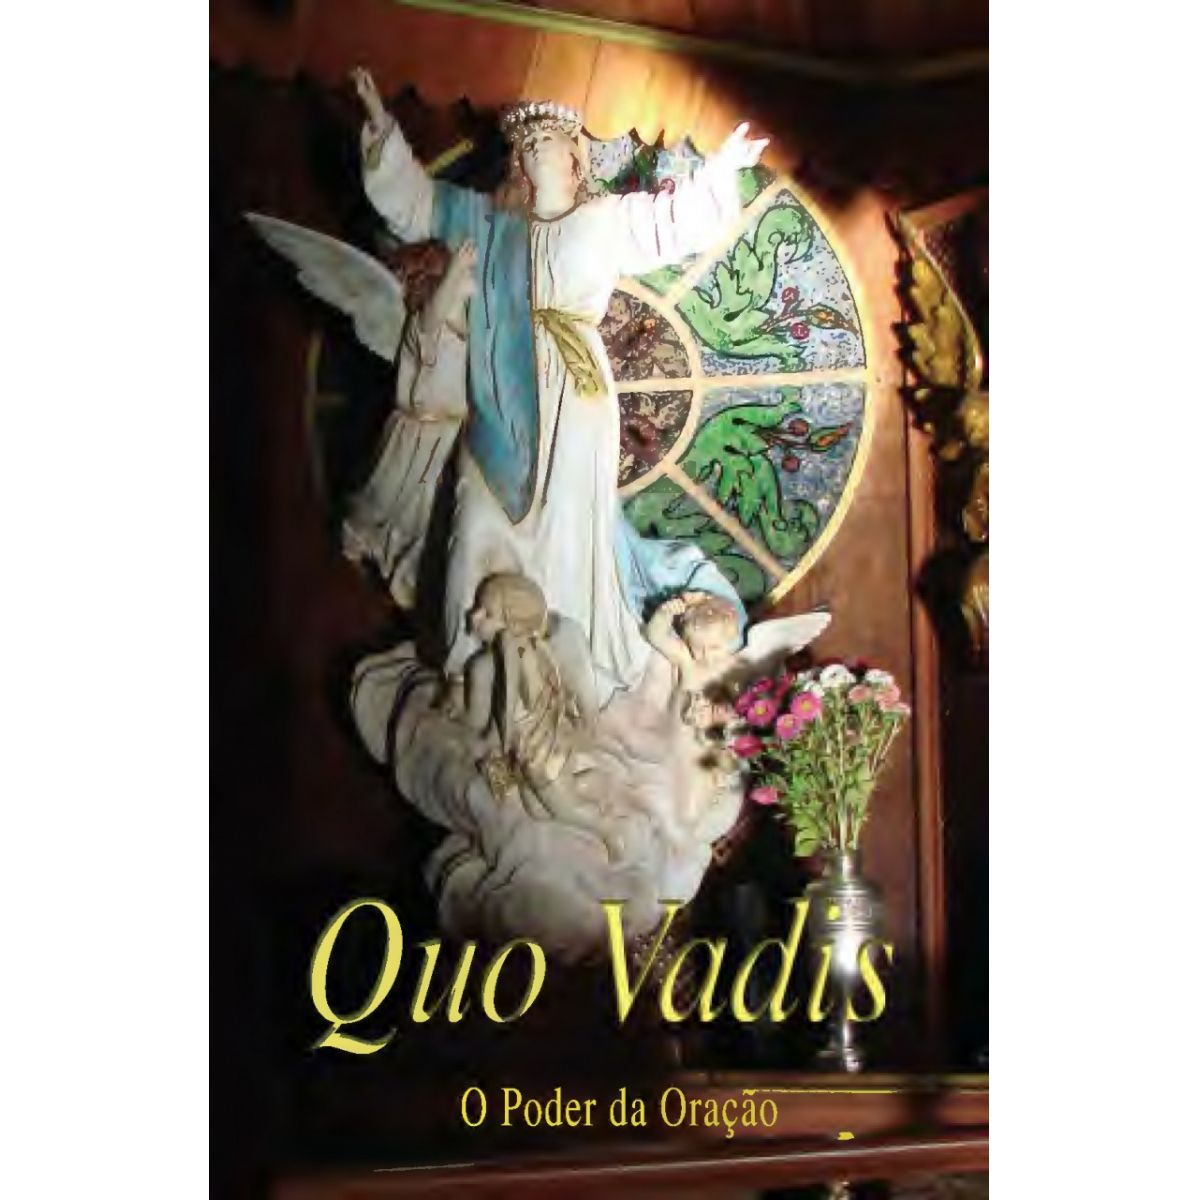 Quo Vadis - O Poder da Oração